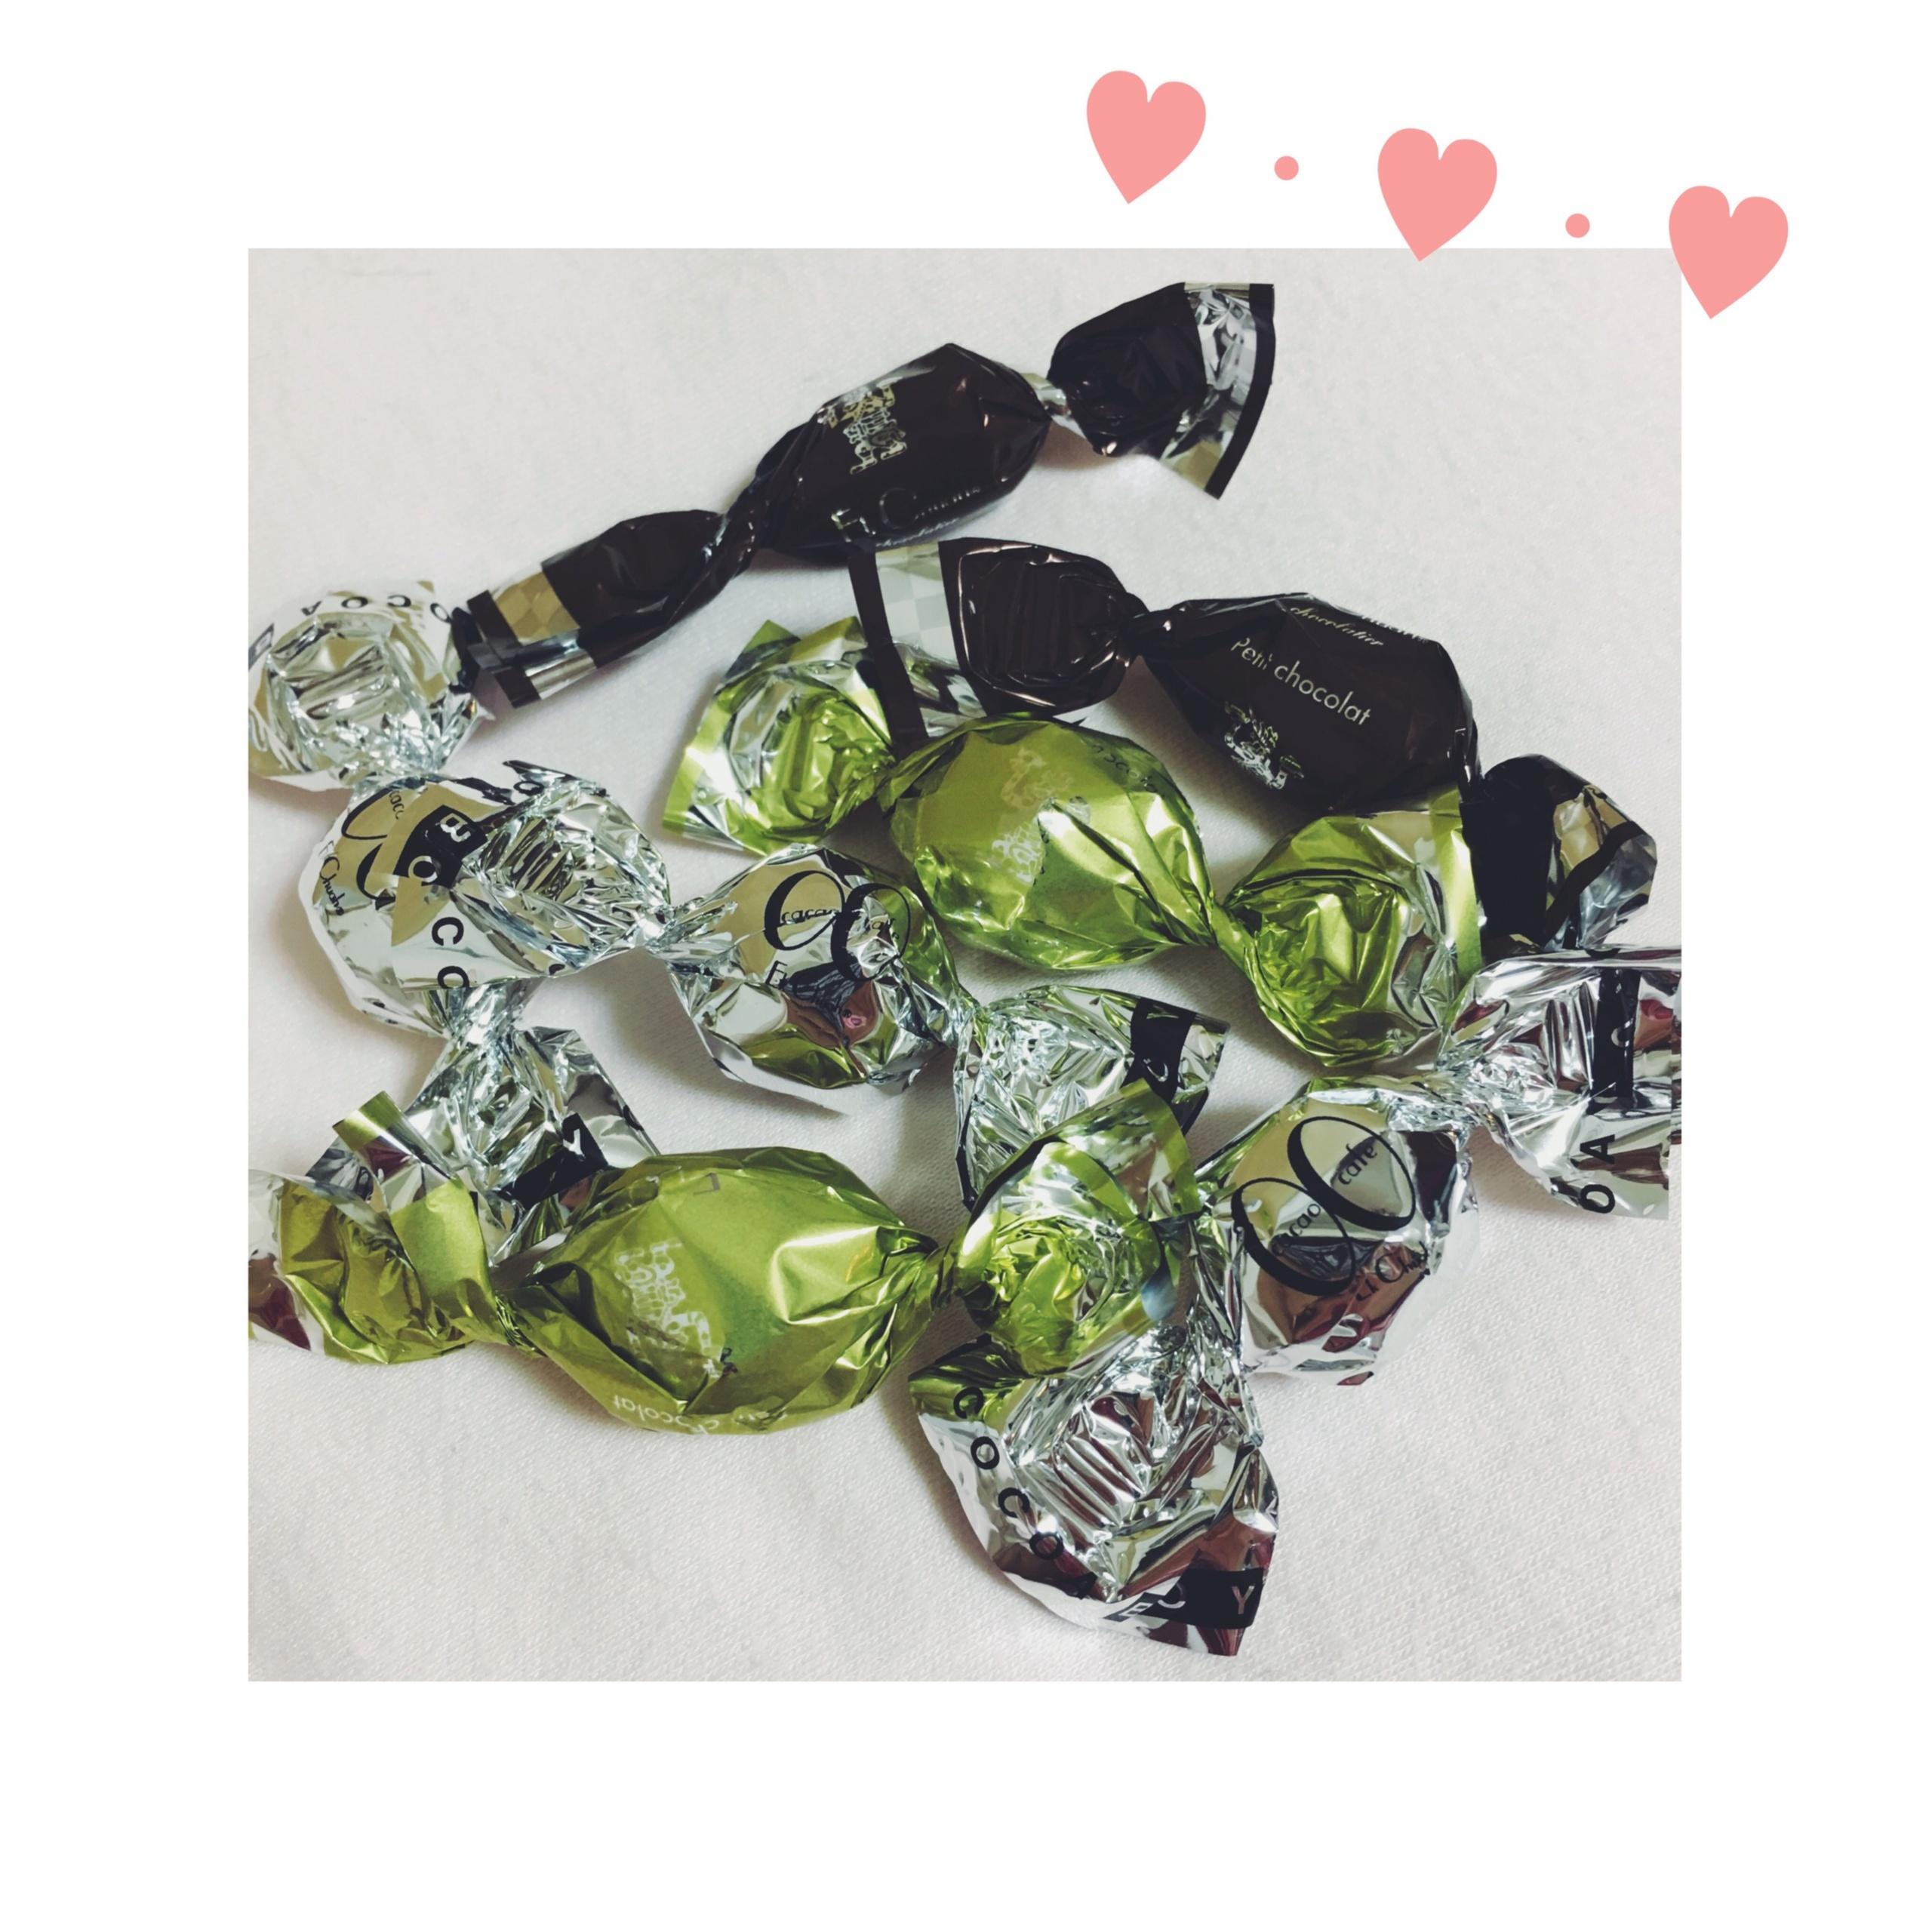 《ご当地MORE★》【ツウな手土産を買うならここ!】大阪で訪れたいチョコレート専門店❤️_5